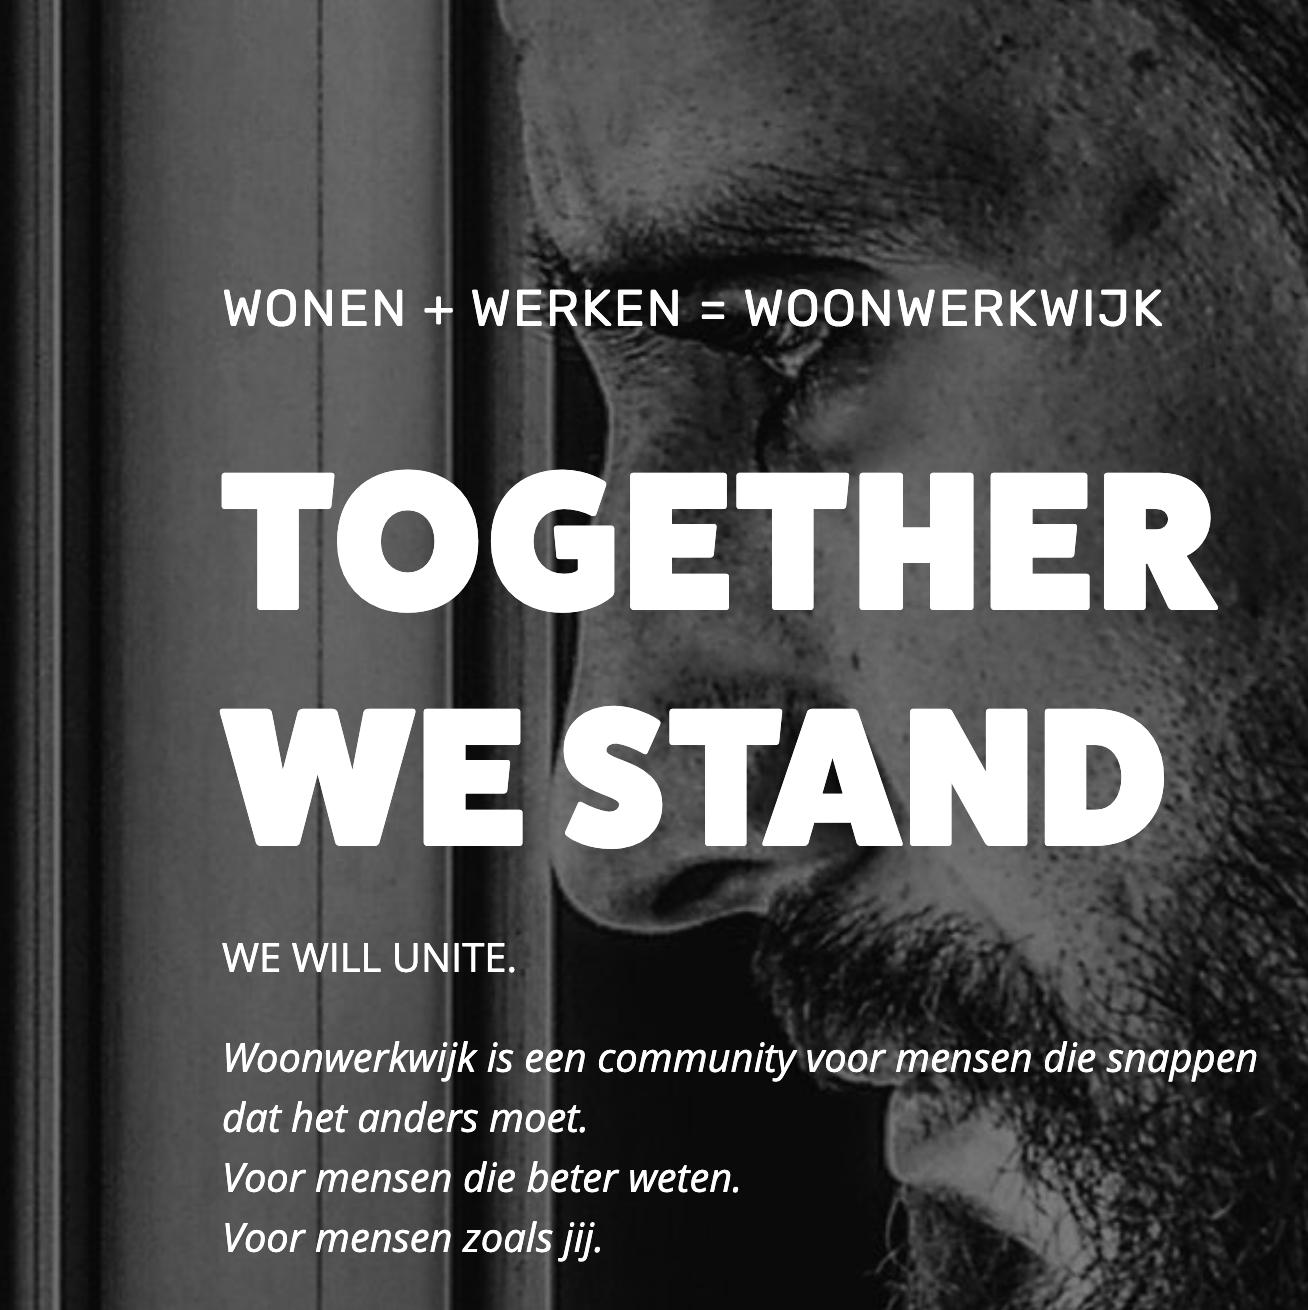 https://kingofconcepts.nl/wp-content/uploads/2020/05/Schermafbeelding-2020-05-12-om-17.45.17.png